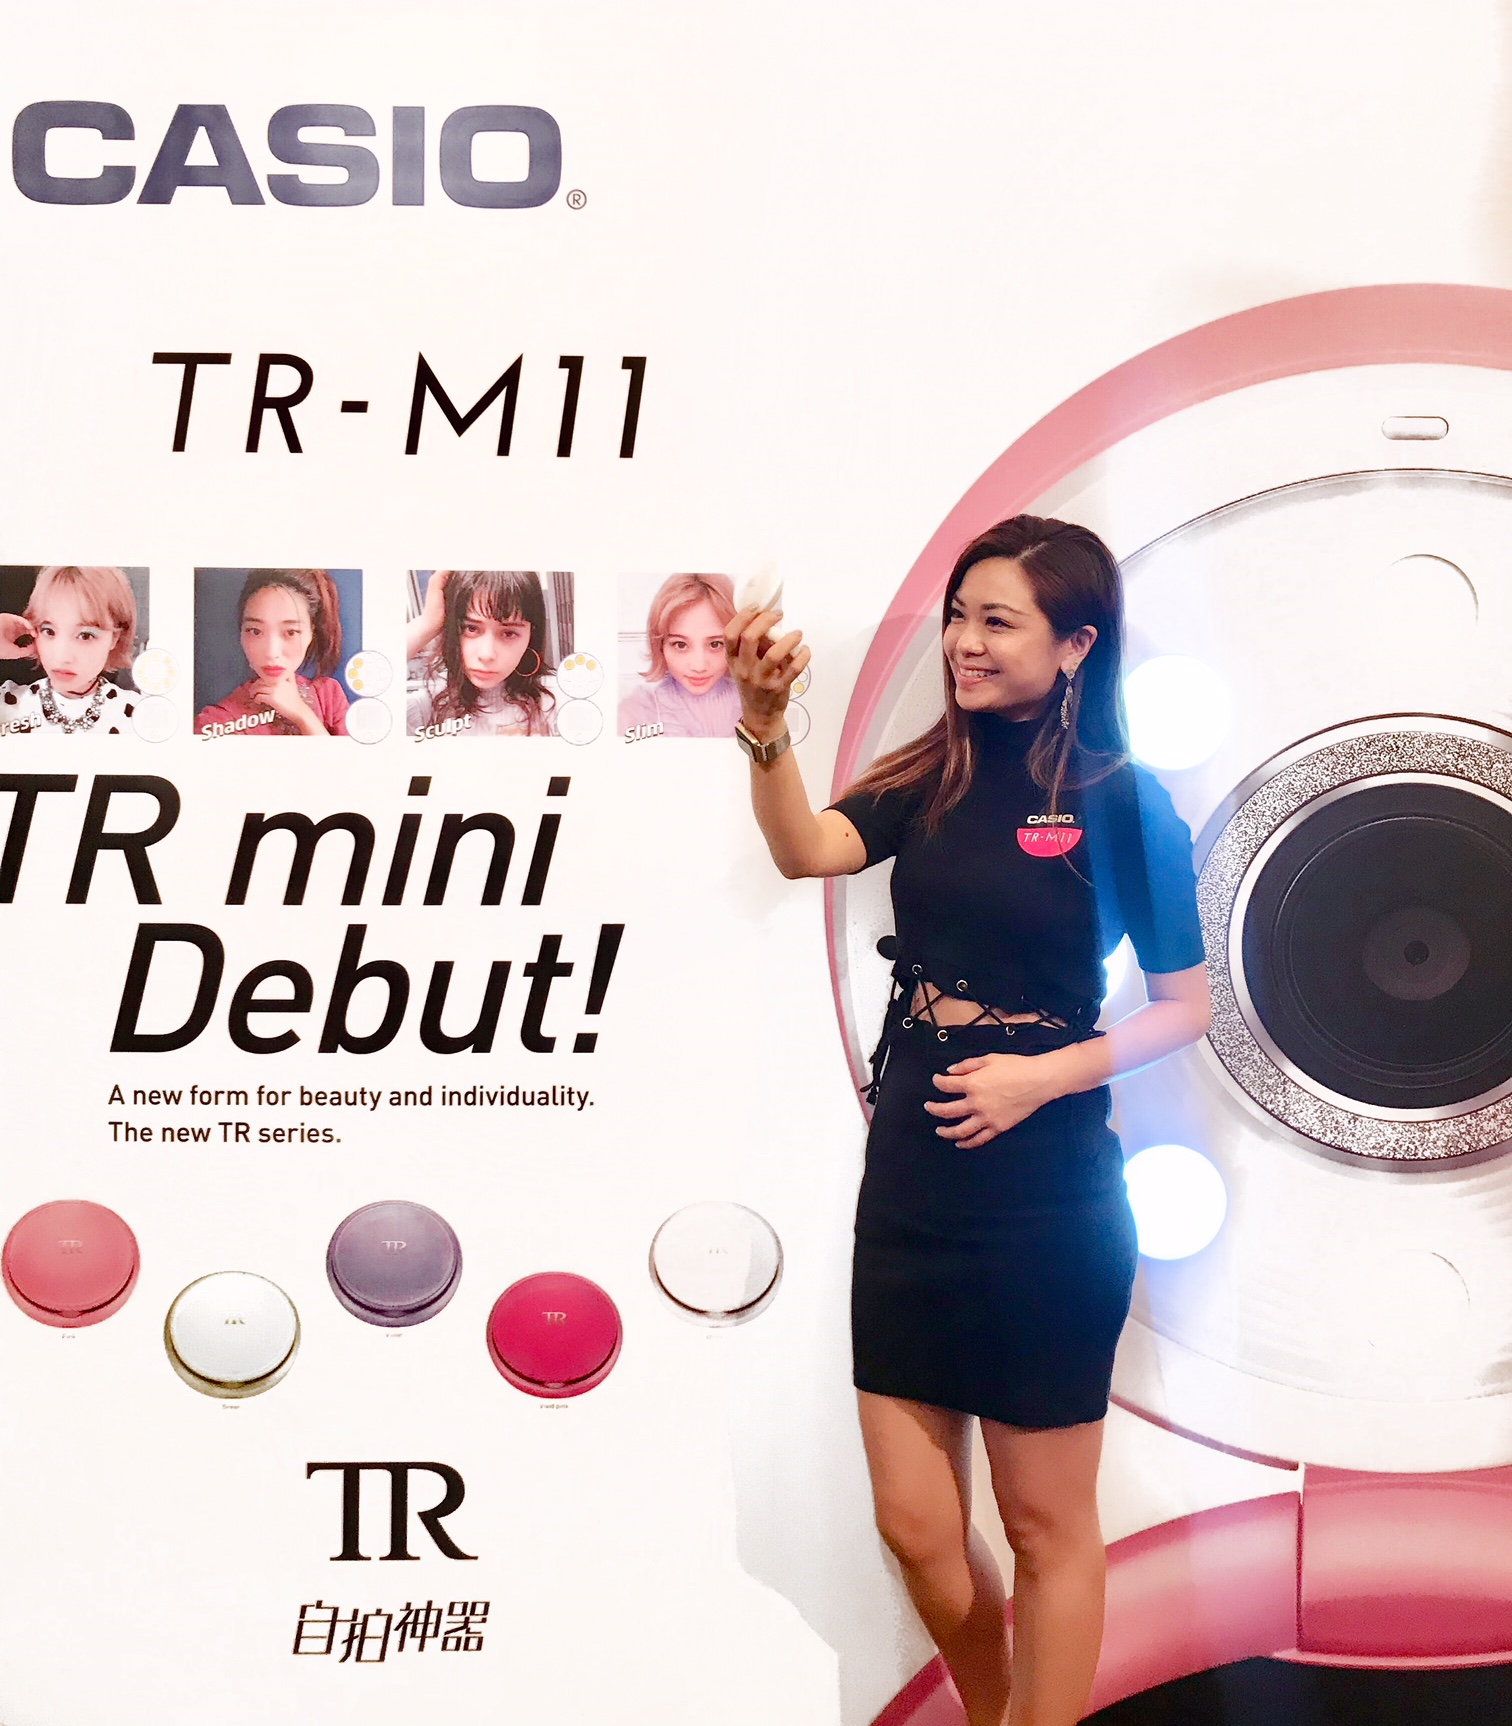 CASIO 全新自拍神器系列TR Mini發佈嘅大日子